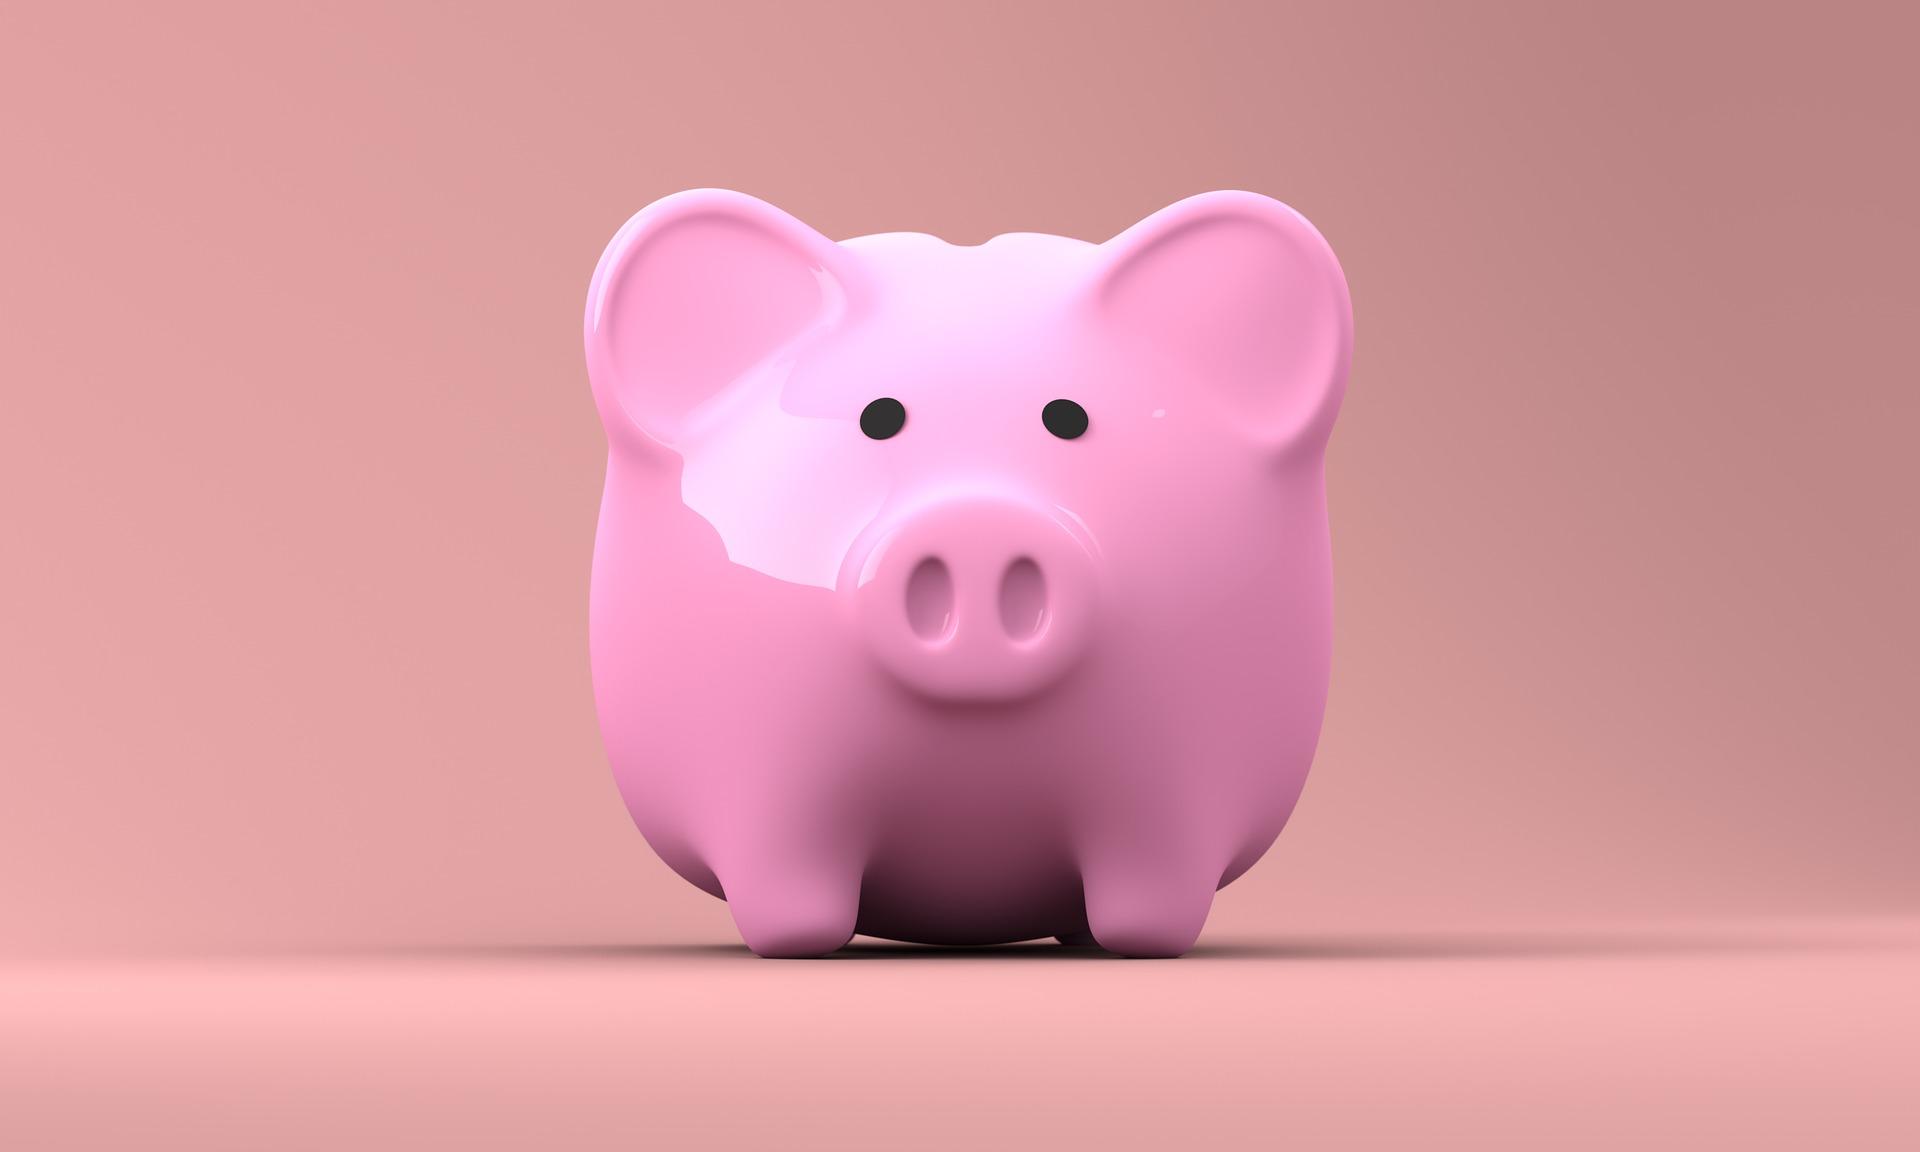 המוצר הפיננסי המשתלם ביותר: כל הפרטים על קרן השתלמות